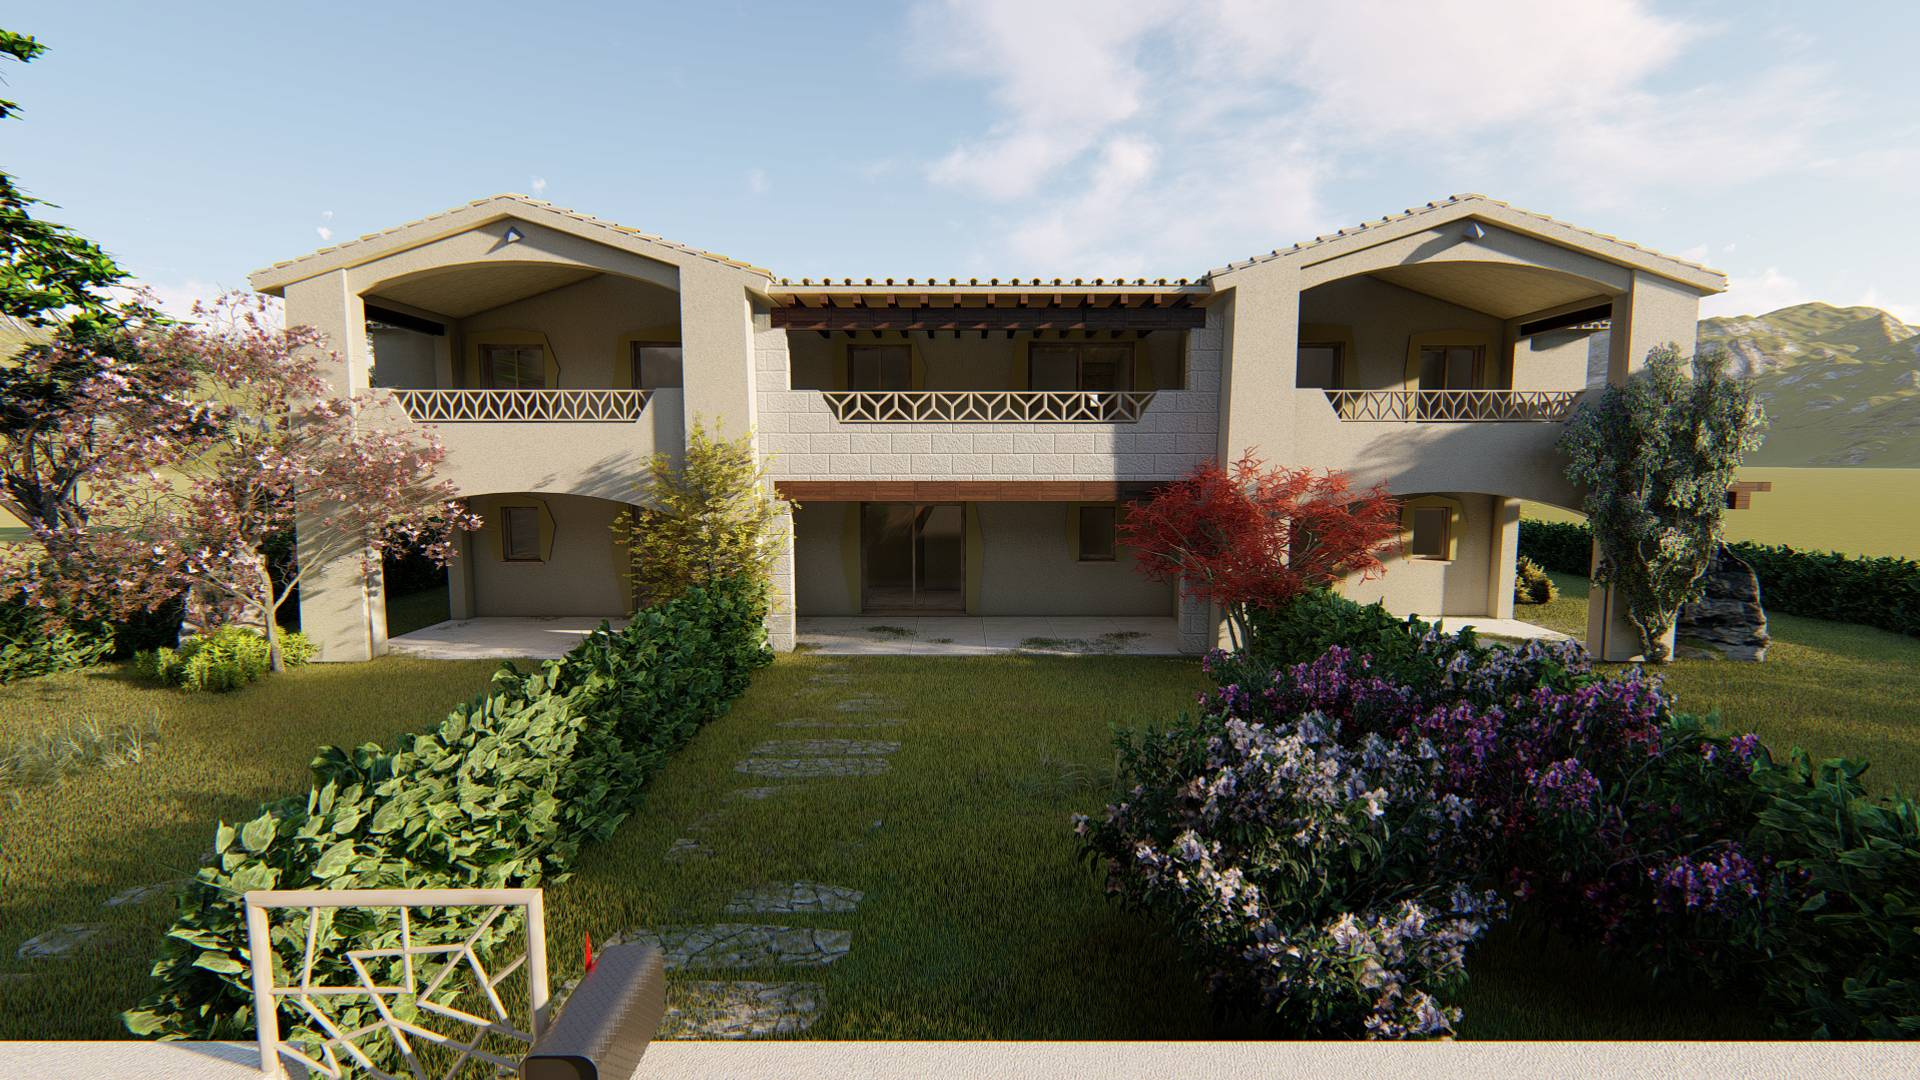 Appartamento in vendita a Budoni, 3 locali, prezzo € 212.000 | CambioCasa.it